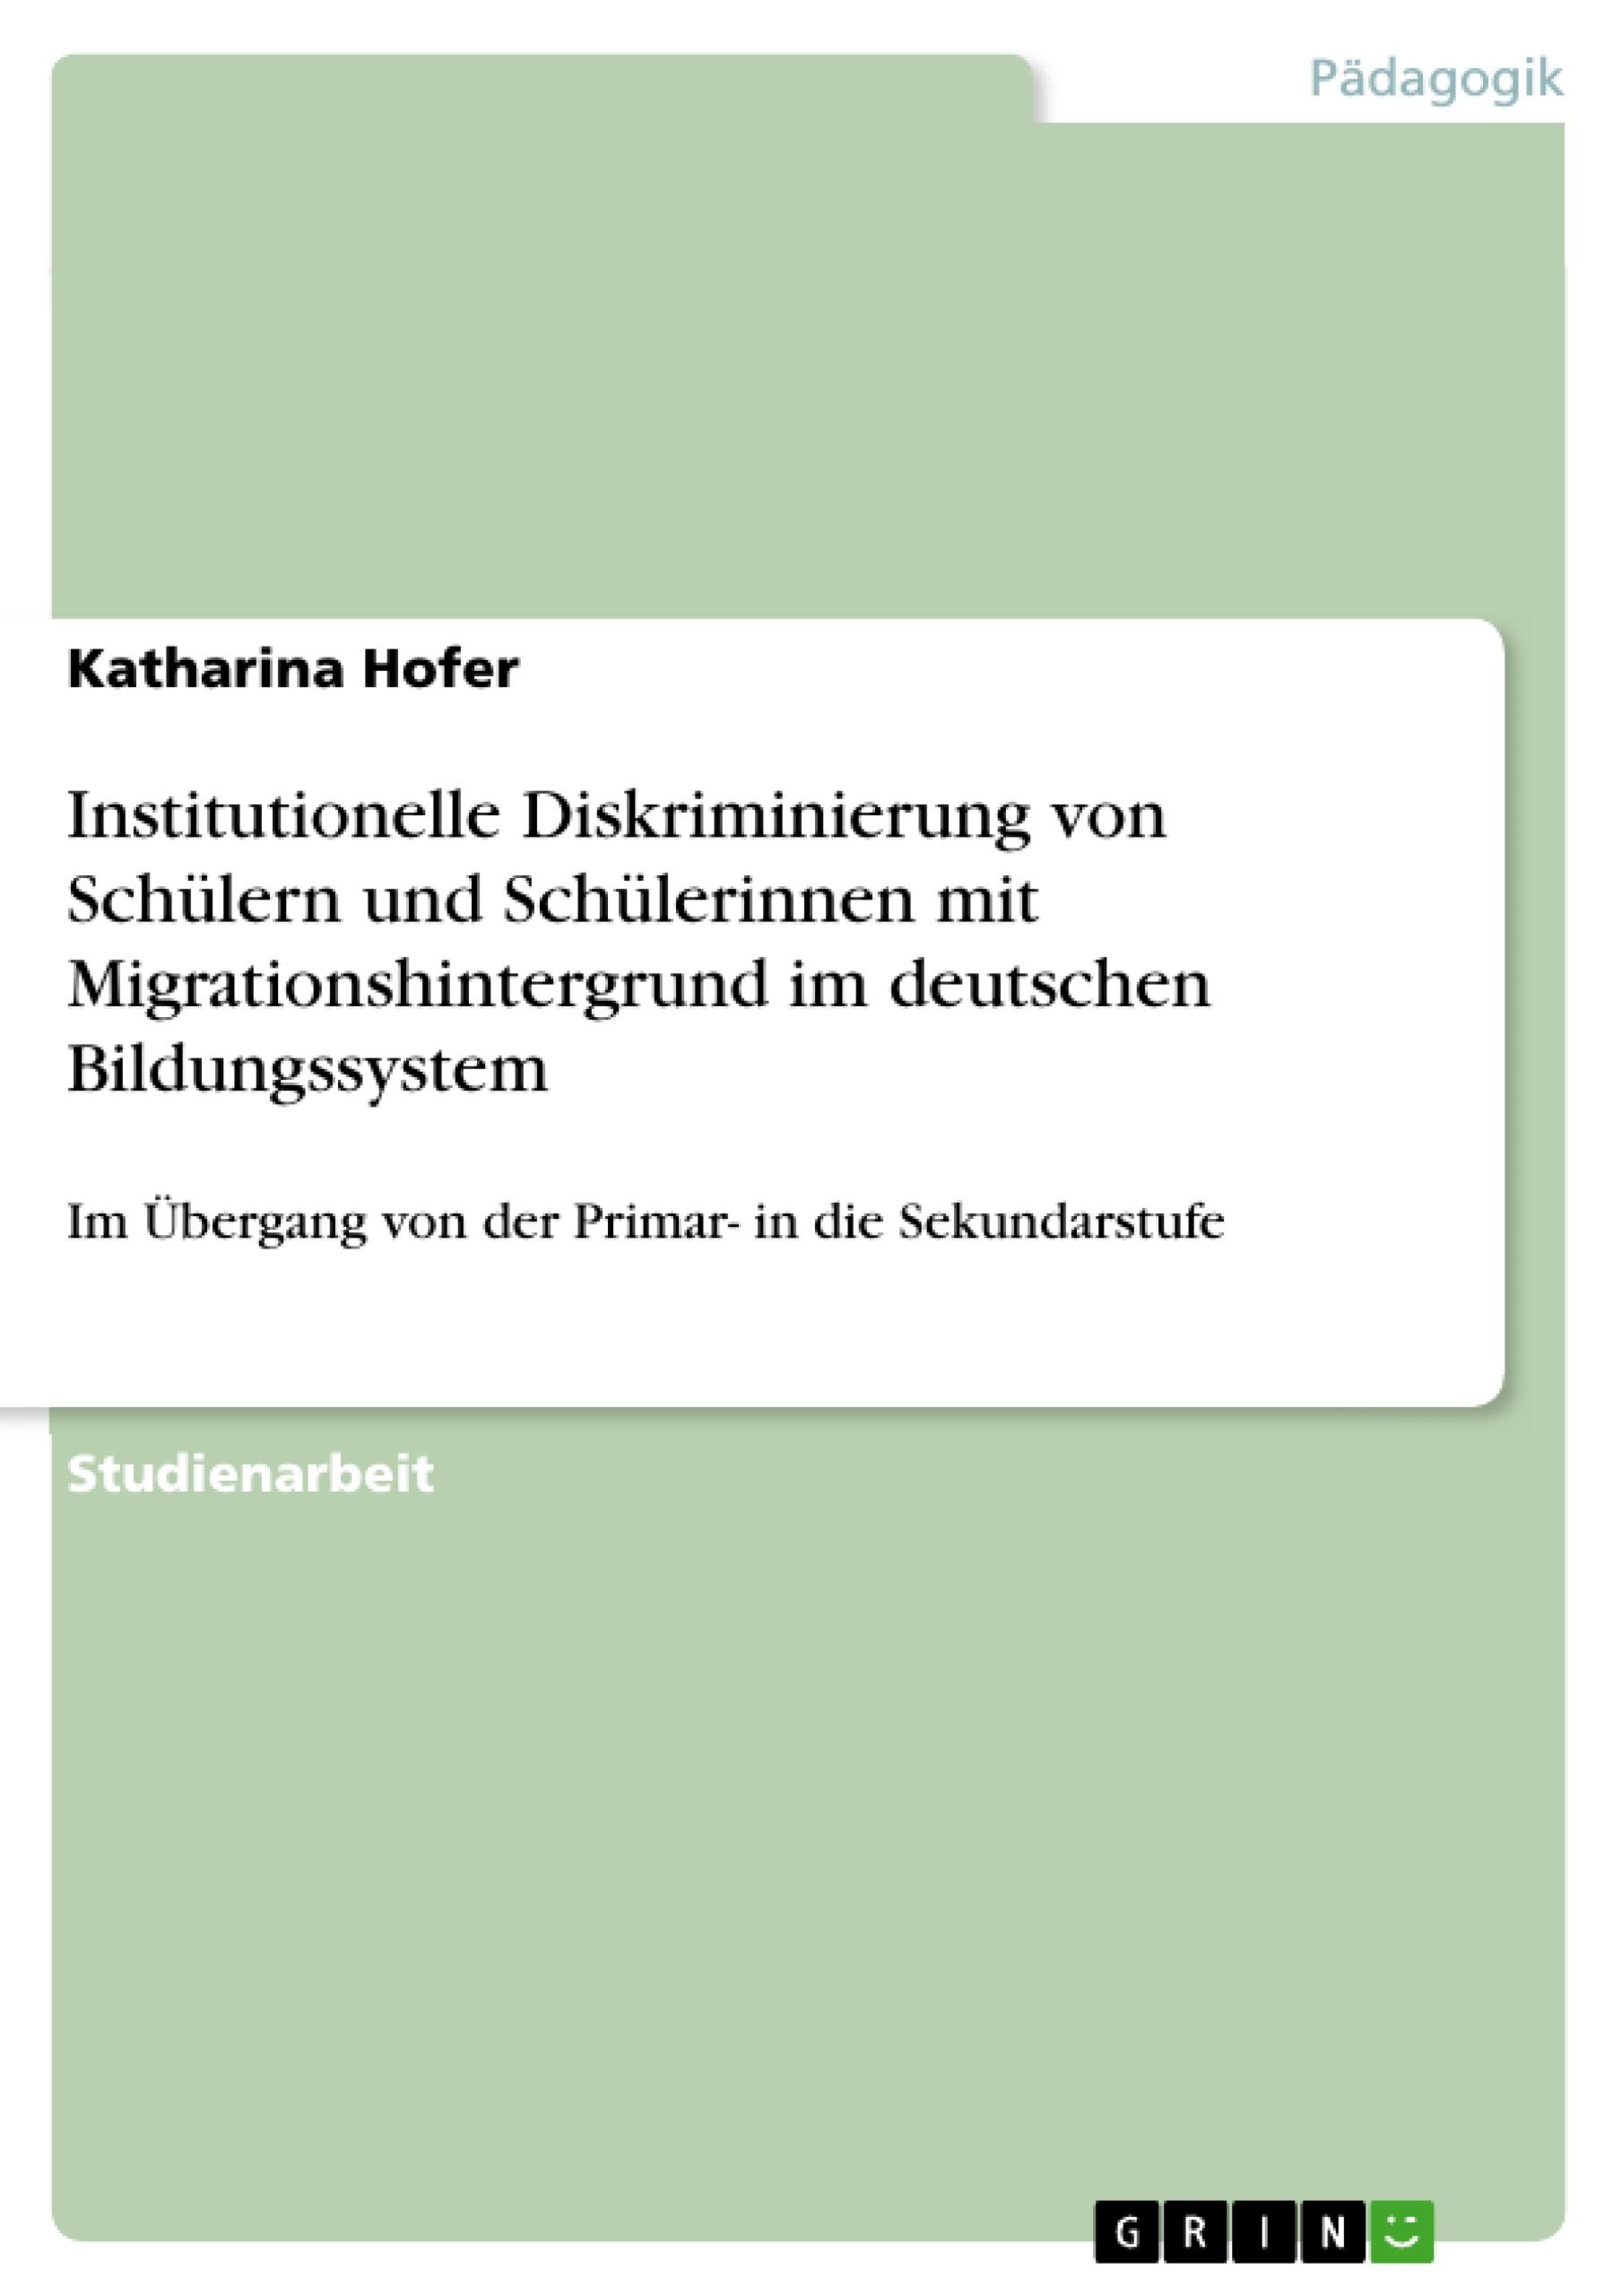 Titel: Institutionelle Diskriminierung von Schülern und Schülerinnen mit Migrationshintergrund im deutschen Bildungssystem